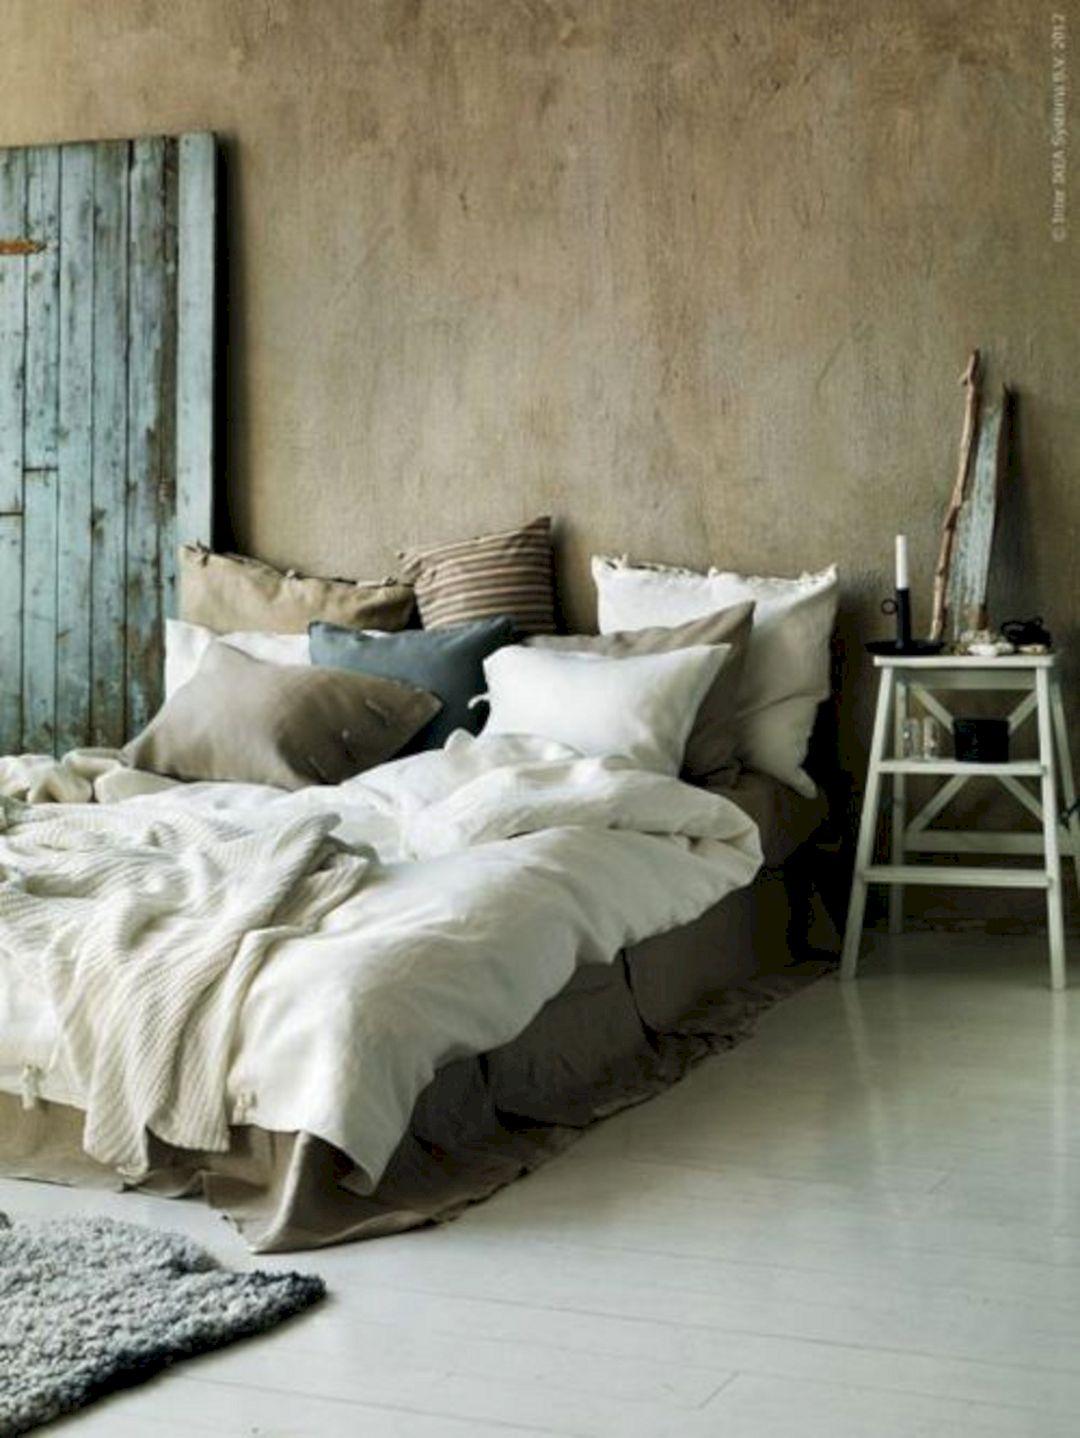 Rustic Cozy Bedroom Rustic Cozy Bedroom Design Ideas And